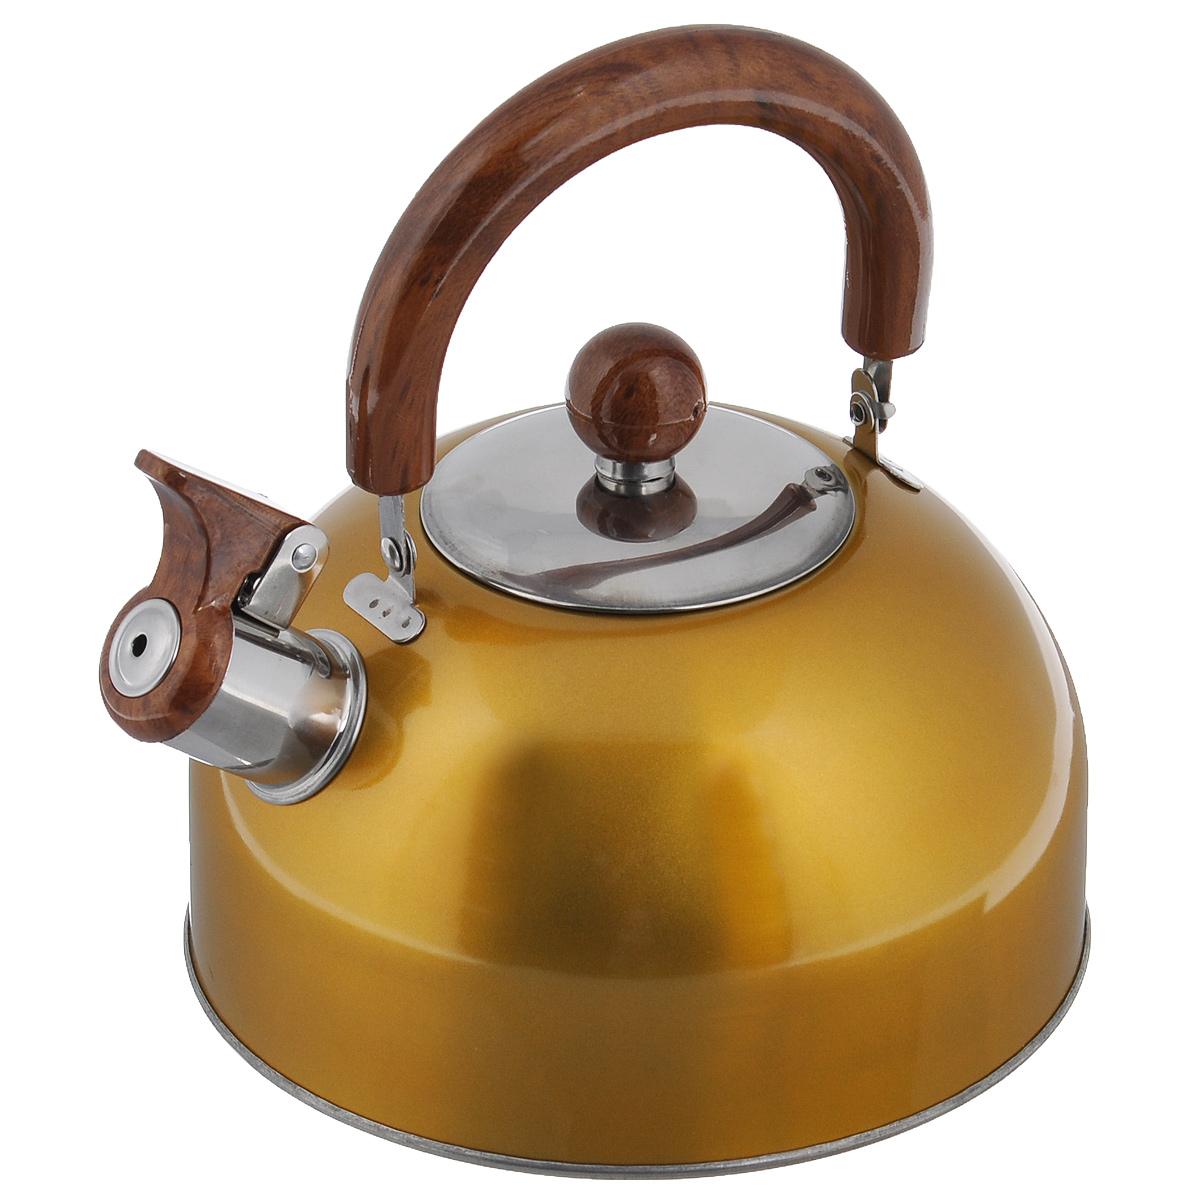 Чайник Mayer & Boch Modern со свистком, цвет: желтый, 2 л. МВ-3226МВ-3226Чайник Mayer & Boch Modern изготовлен из высококачественной нержавеющей стали. Гладкая и ровная поверхность существенно облегчает уход. Чайник оснащен удобной нейлоновой ручкой, которая не нагревается даже при продолжительном периоде нагрева воды. Носик чайника имеет насадку-свисток, что позволит вам контролировать процесс подогрева или кипячения воды. Выполненный из качественных материалов чайник Mayer & Boch Modern при кипячении сохраняет все полезные свойства воды. Чайник пригоден для использования на всех типах плит, кроме индукционных. Можно мыть в посудомоечной машине.